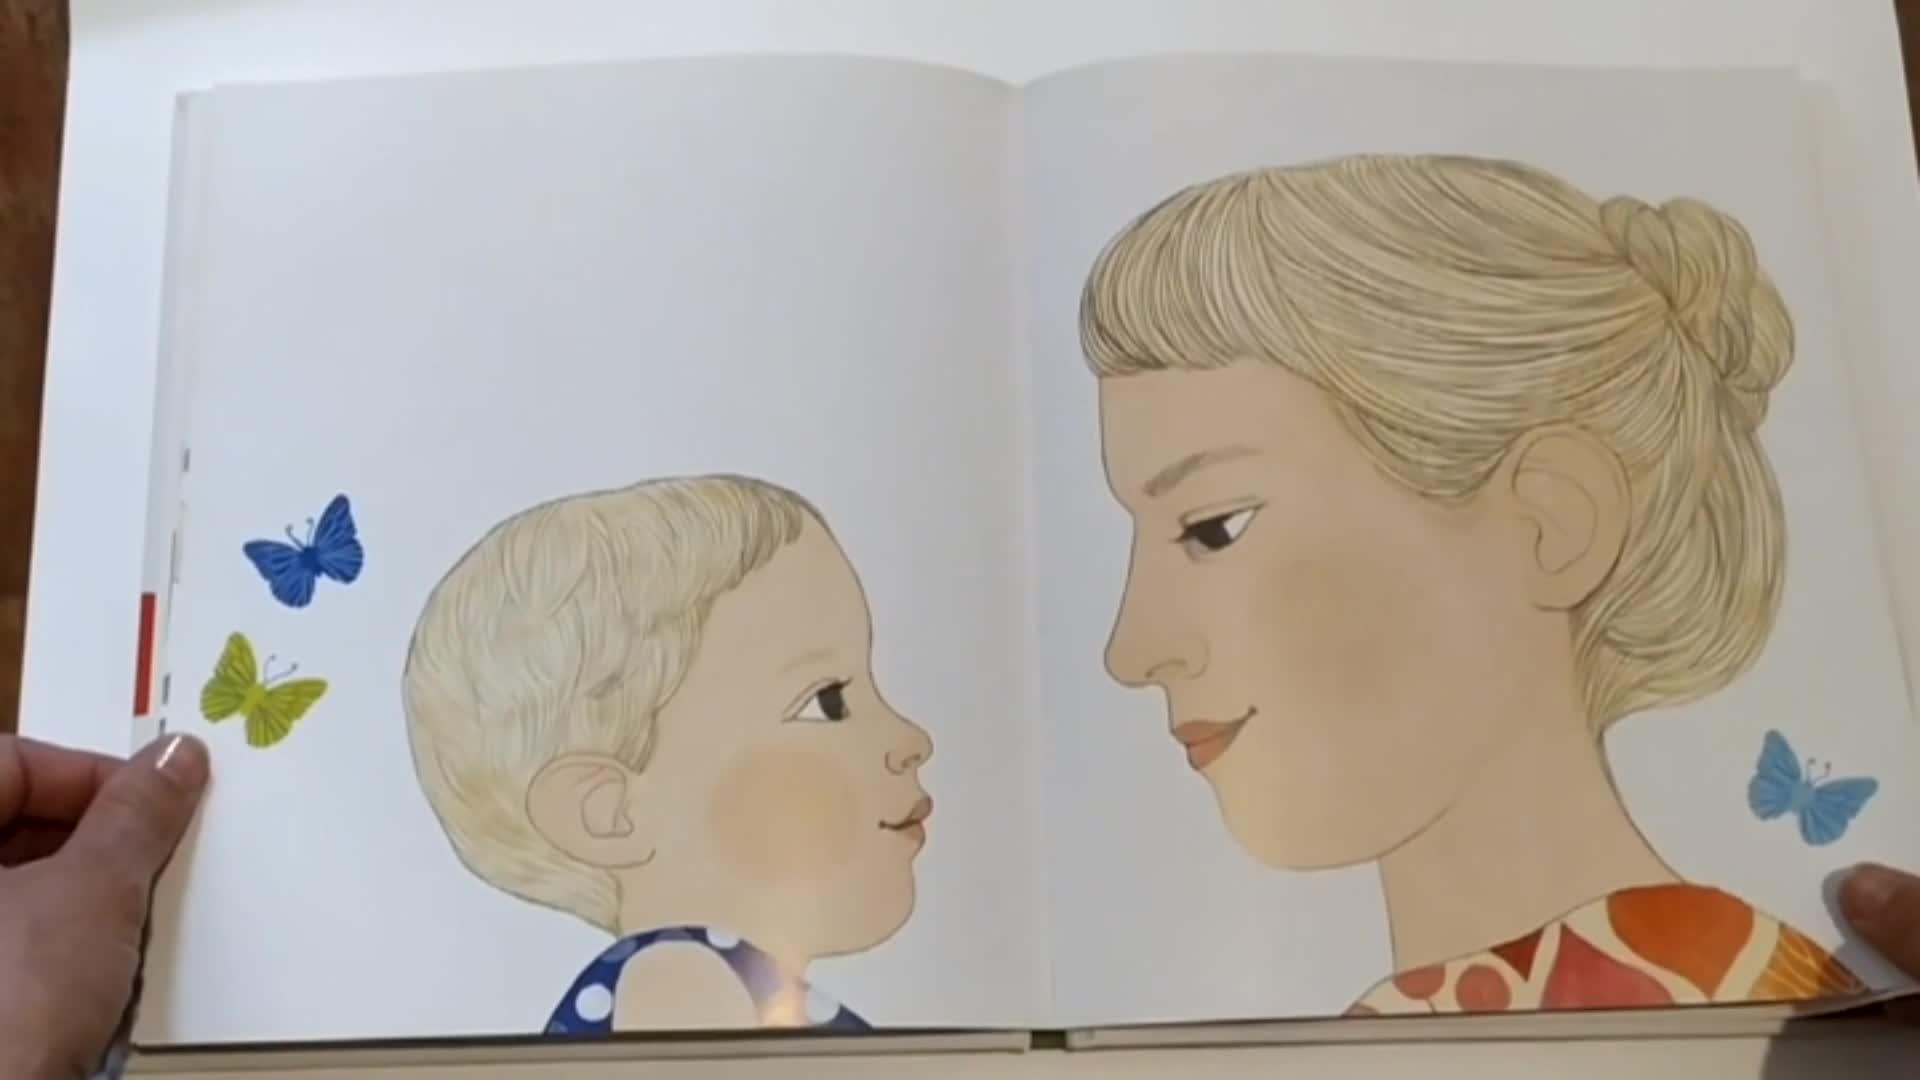 I racconti di Amarilli: un progetto per donare spensieratezza ai bambini